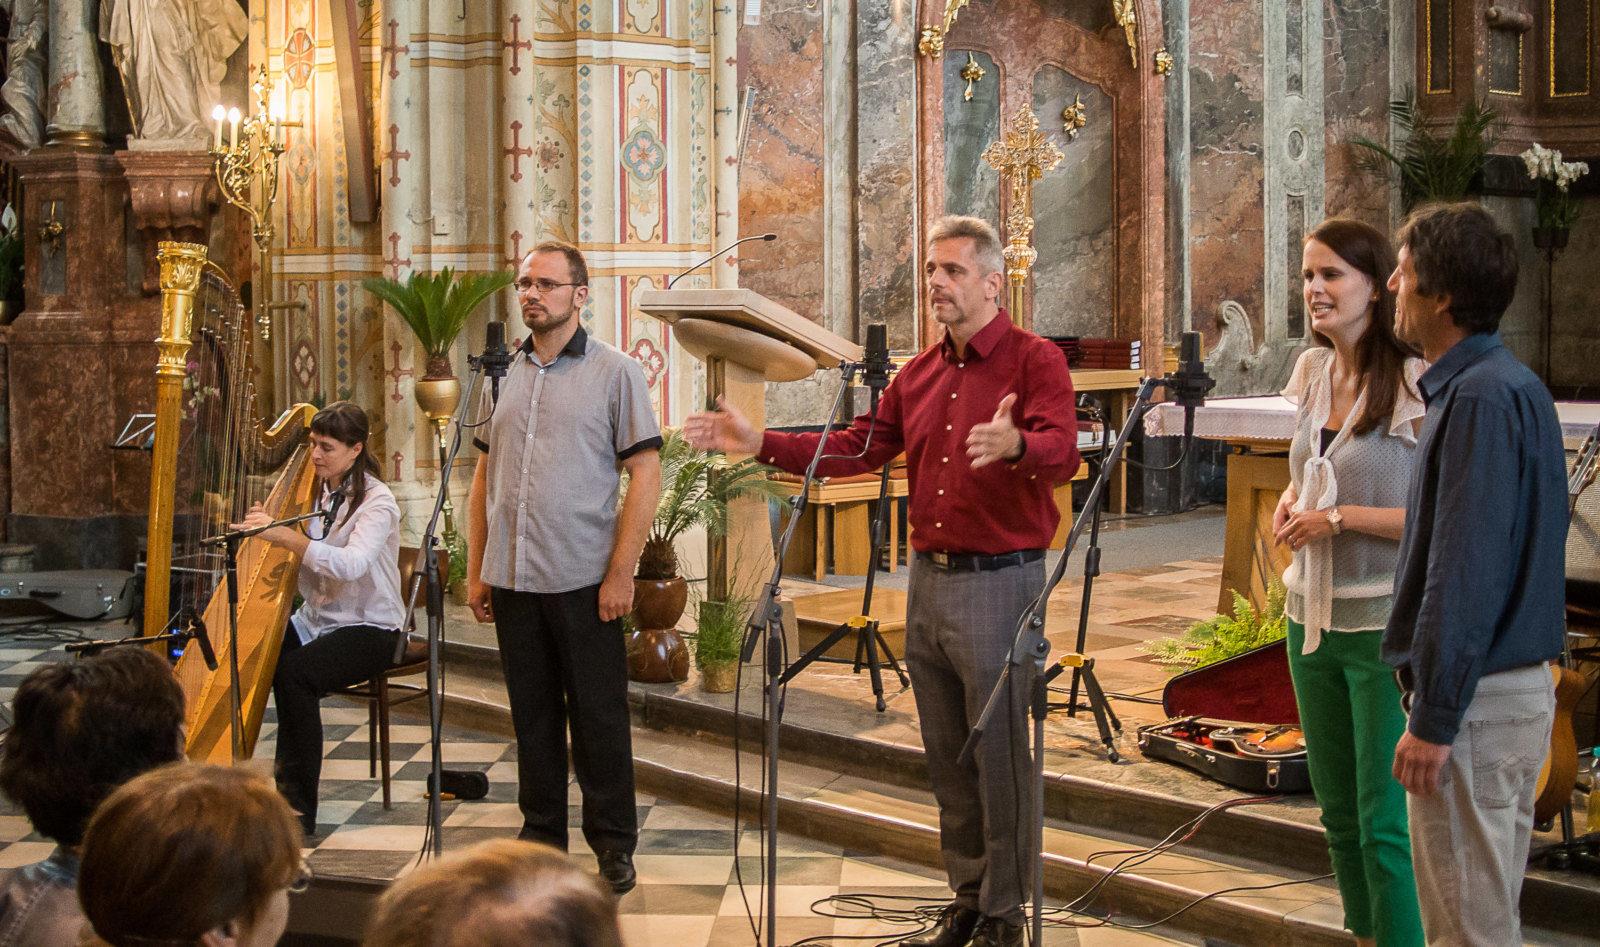 Baziliku na Starém Brně rozezní Starobrněnské hudební slavnosti